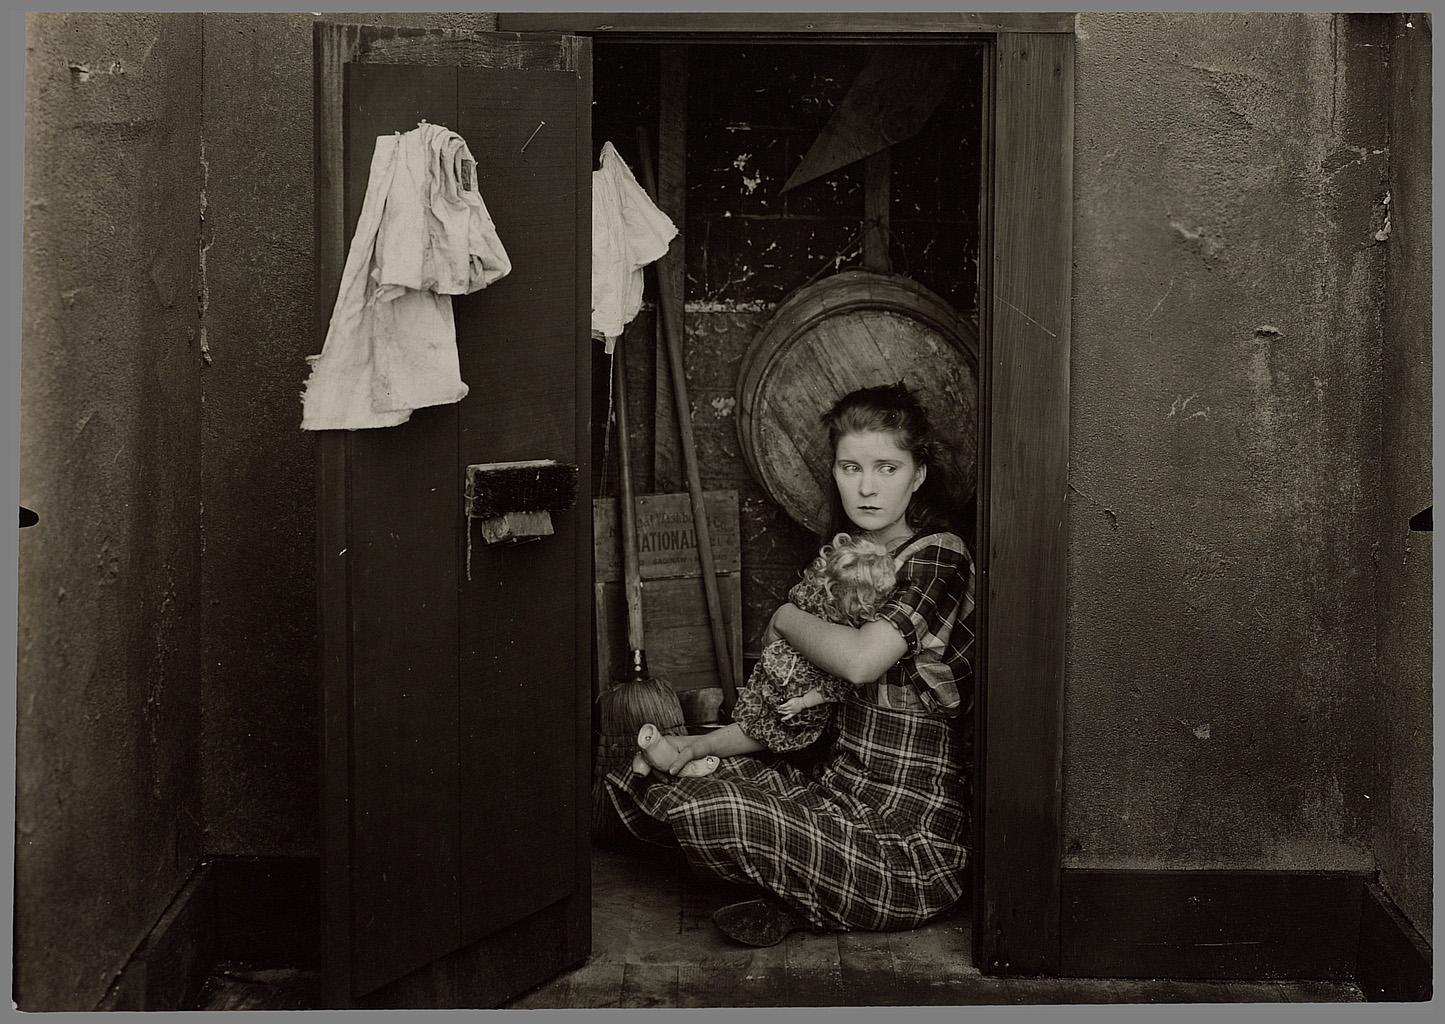 Lloyd Ingraham, HooDoo Ann. Coll. Cinémathèque française. D.R. Le refuge régressif au sous-sol.